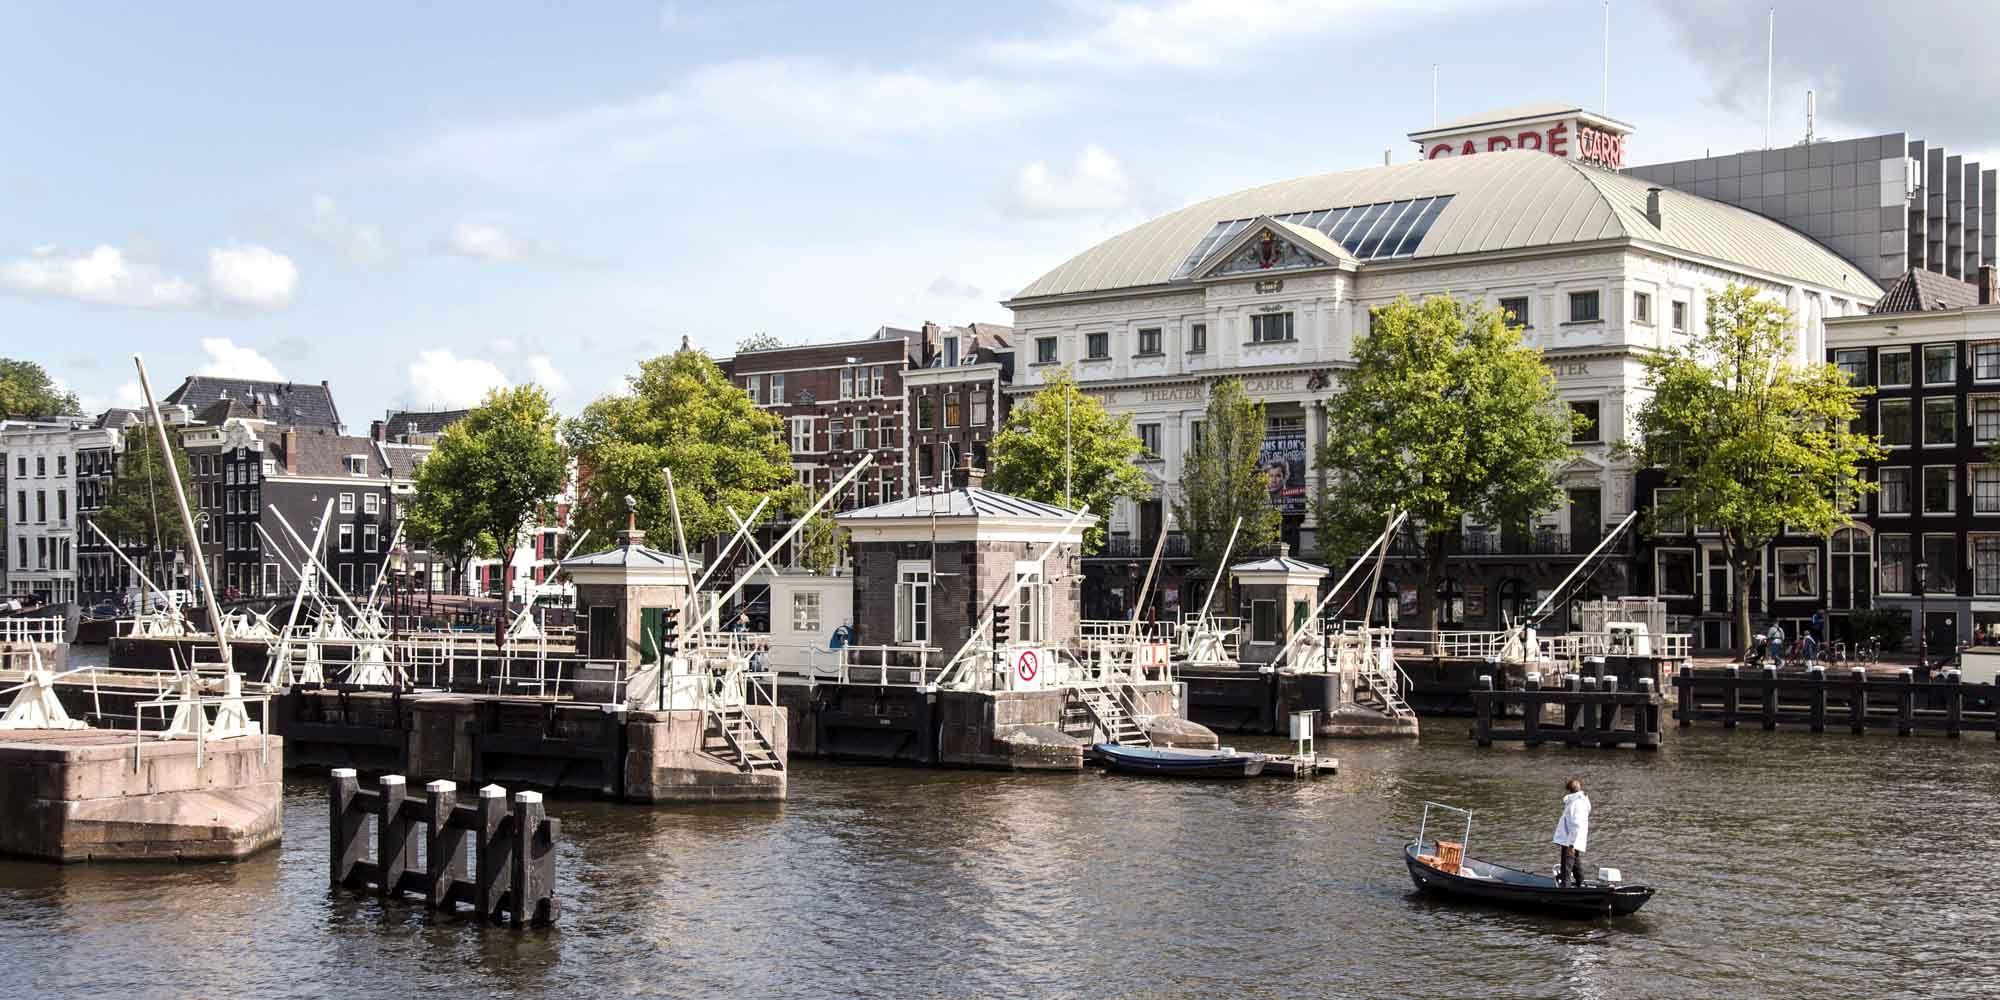 amstelschutsluis-sweets-hotel-brugwachtershuisjes-magere-brug